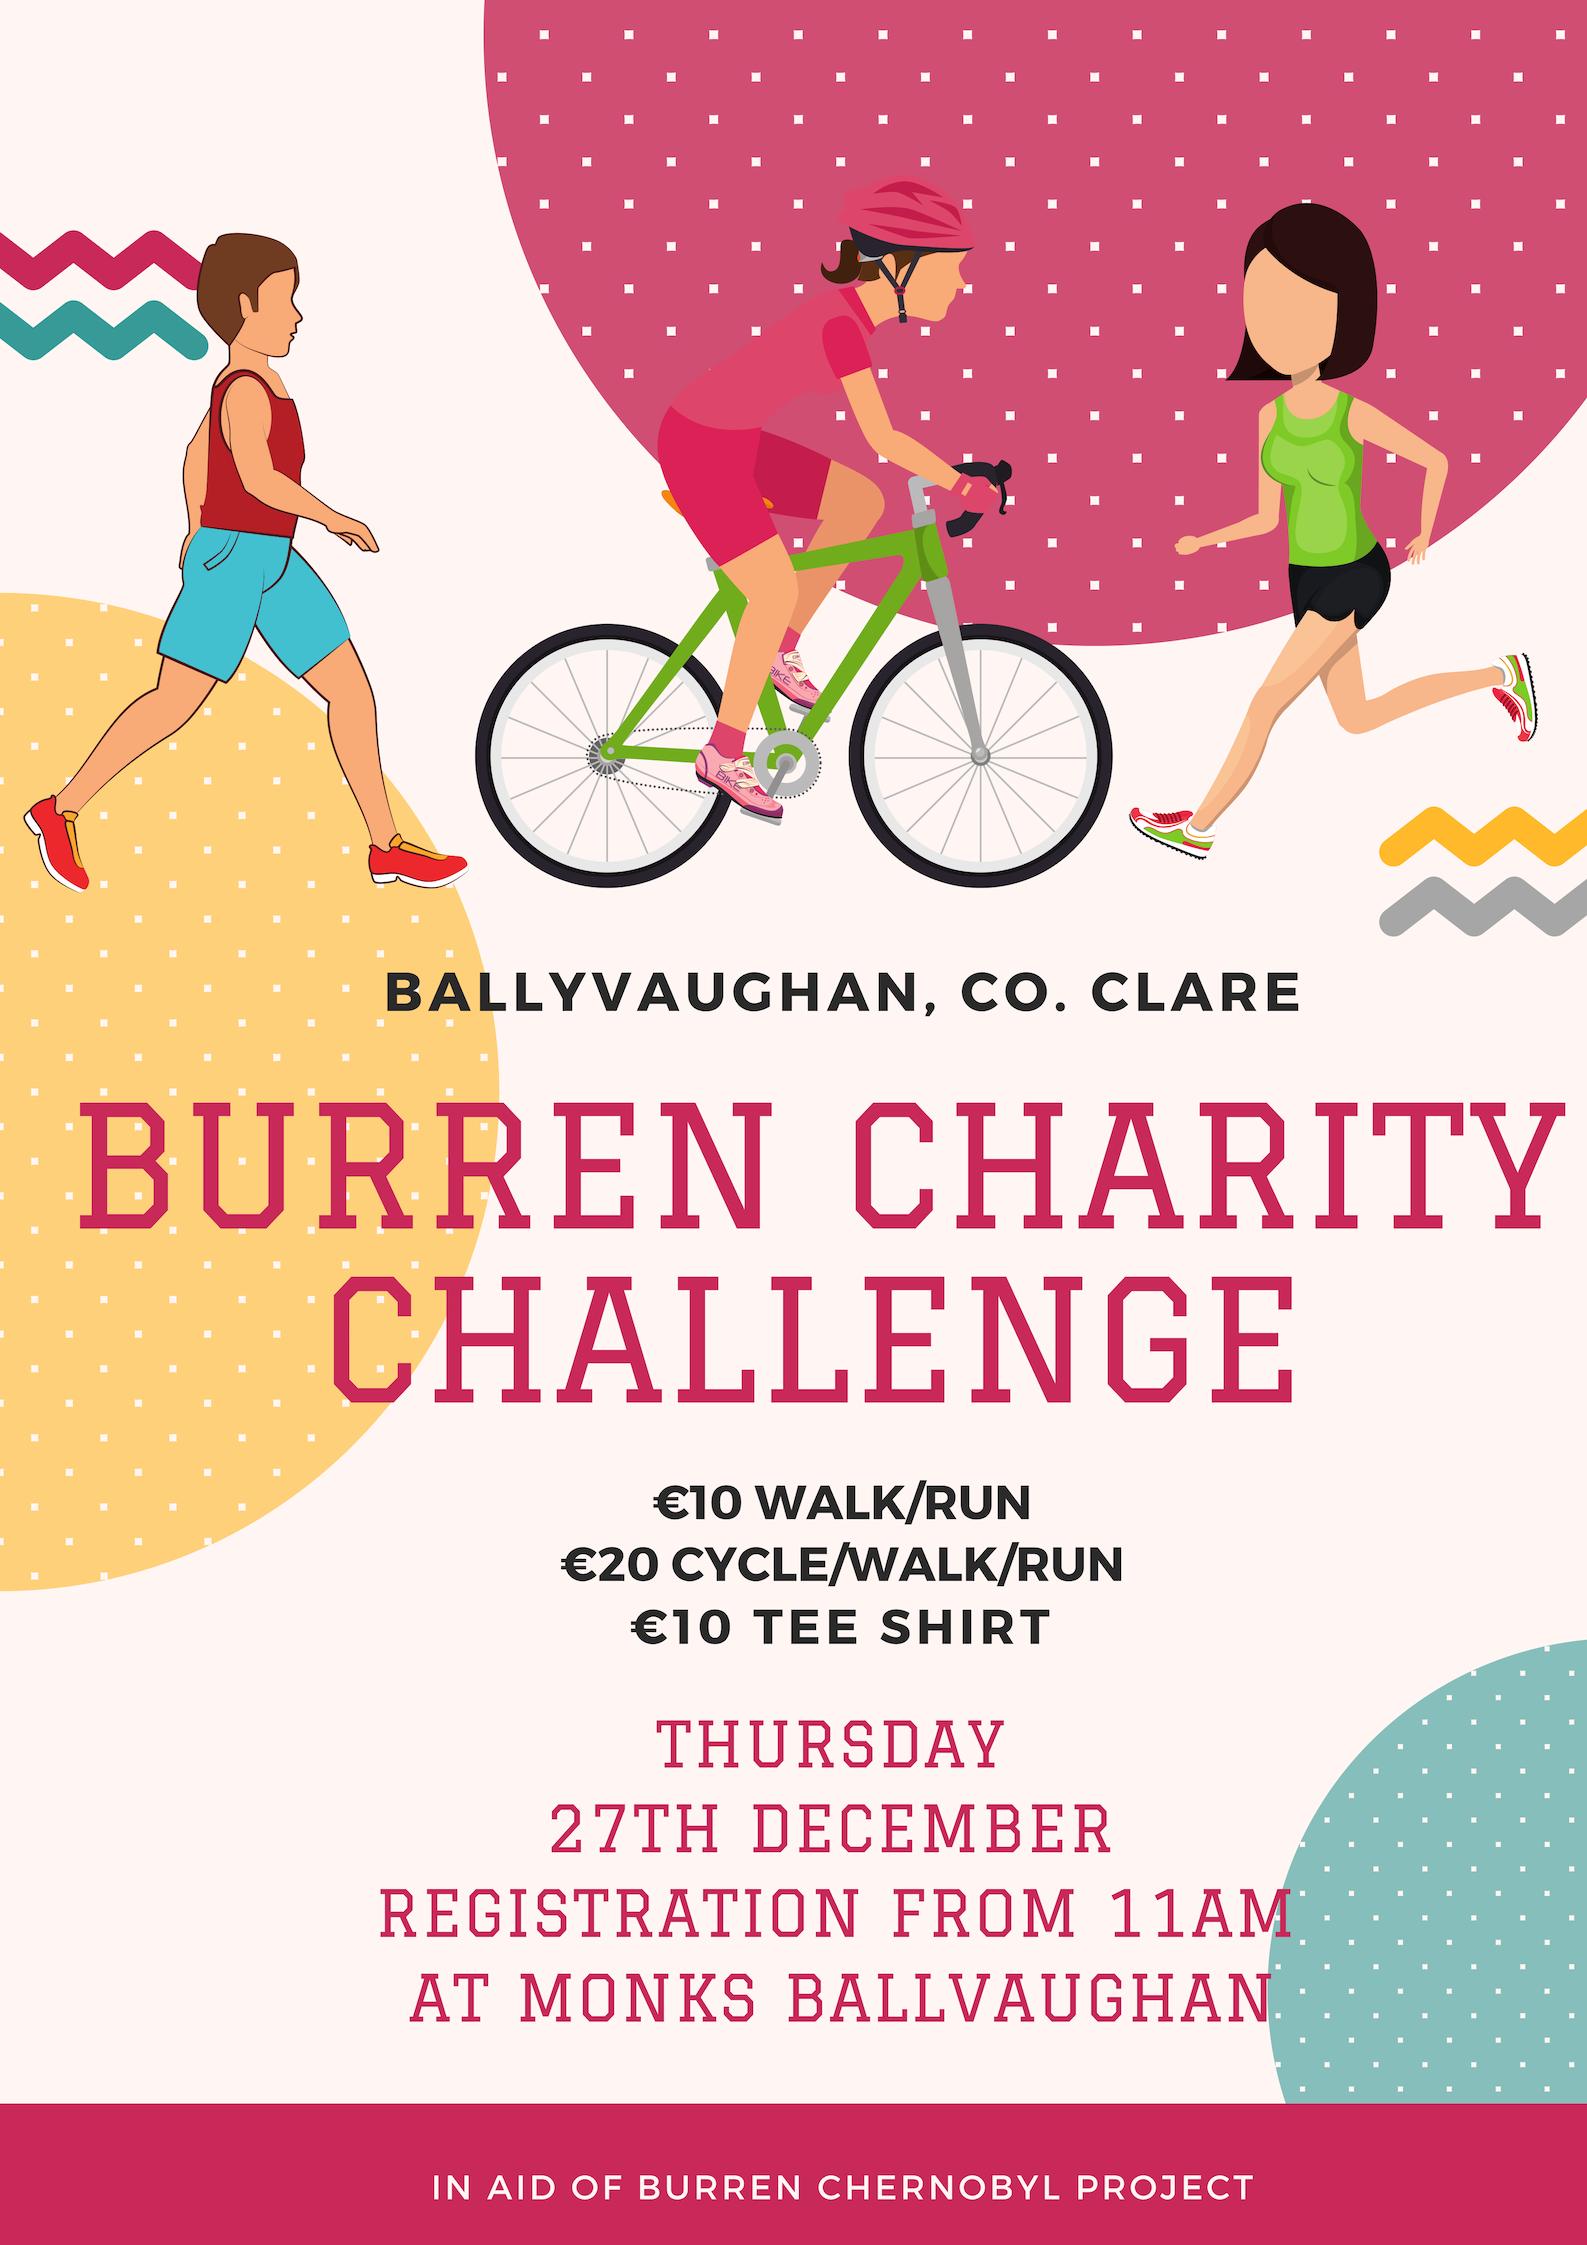 Burren Charity Challenge Poster